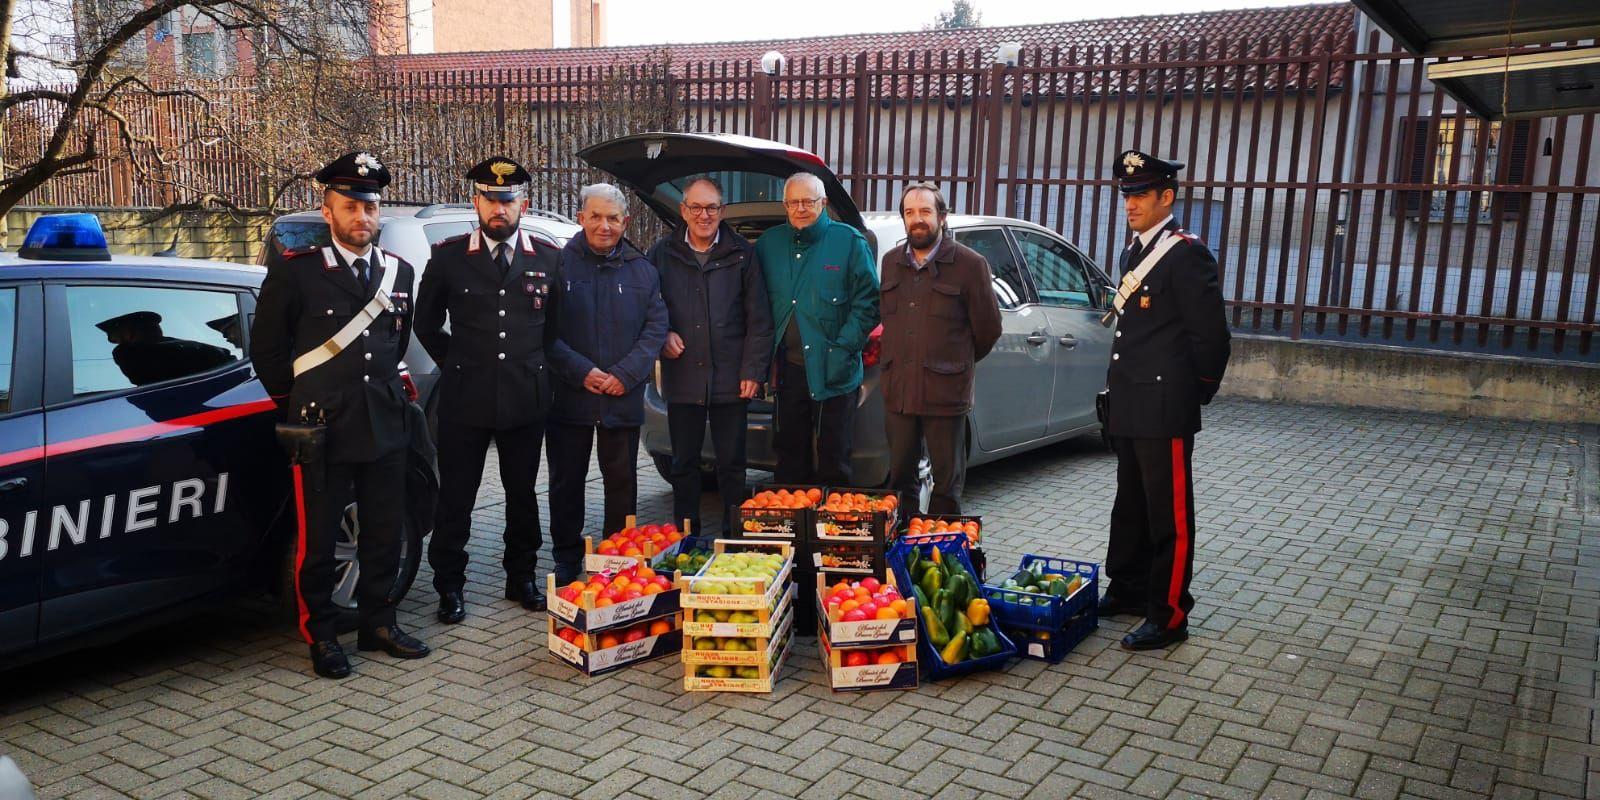 CASELLE - Maxi multa agli ambulanti abusivi: i carabinieri donano frutta e verdura alla Caritas - FOTO